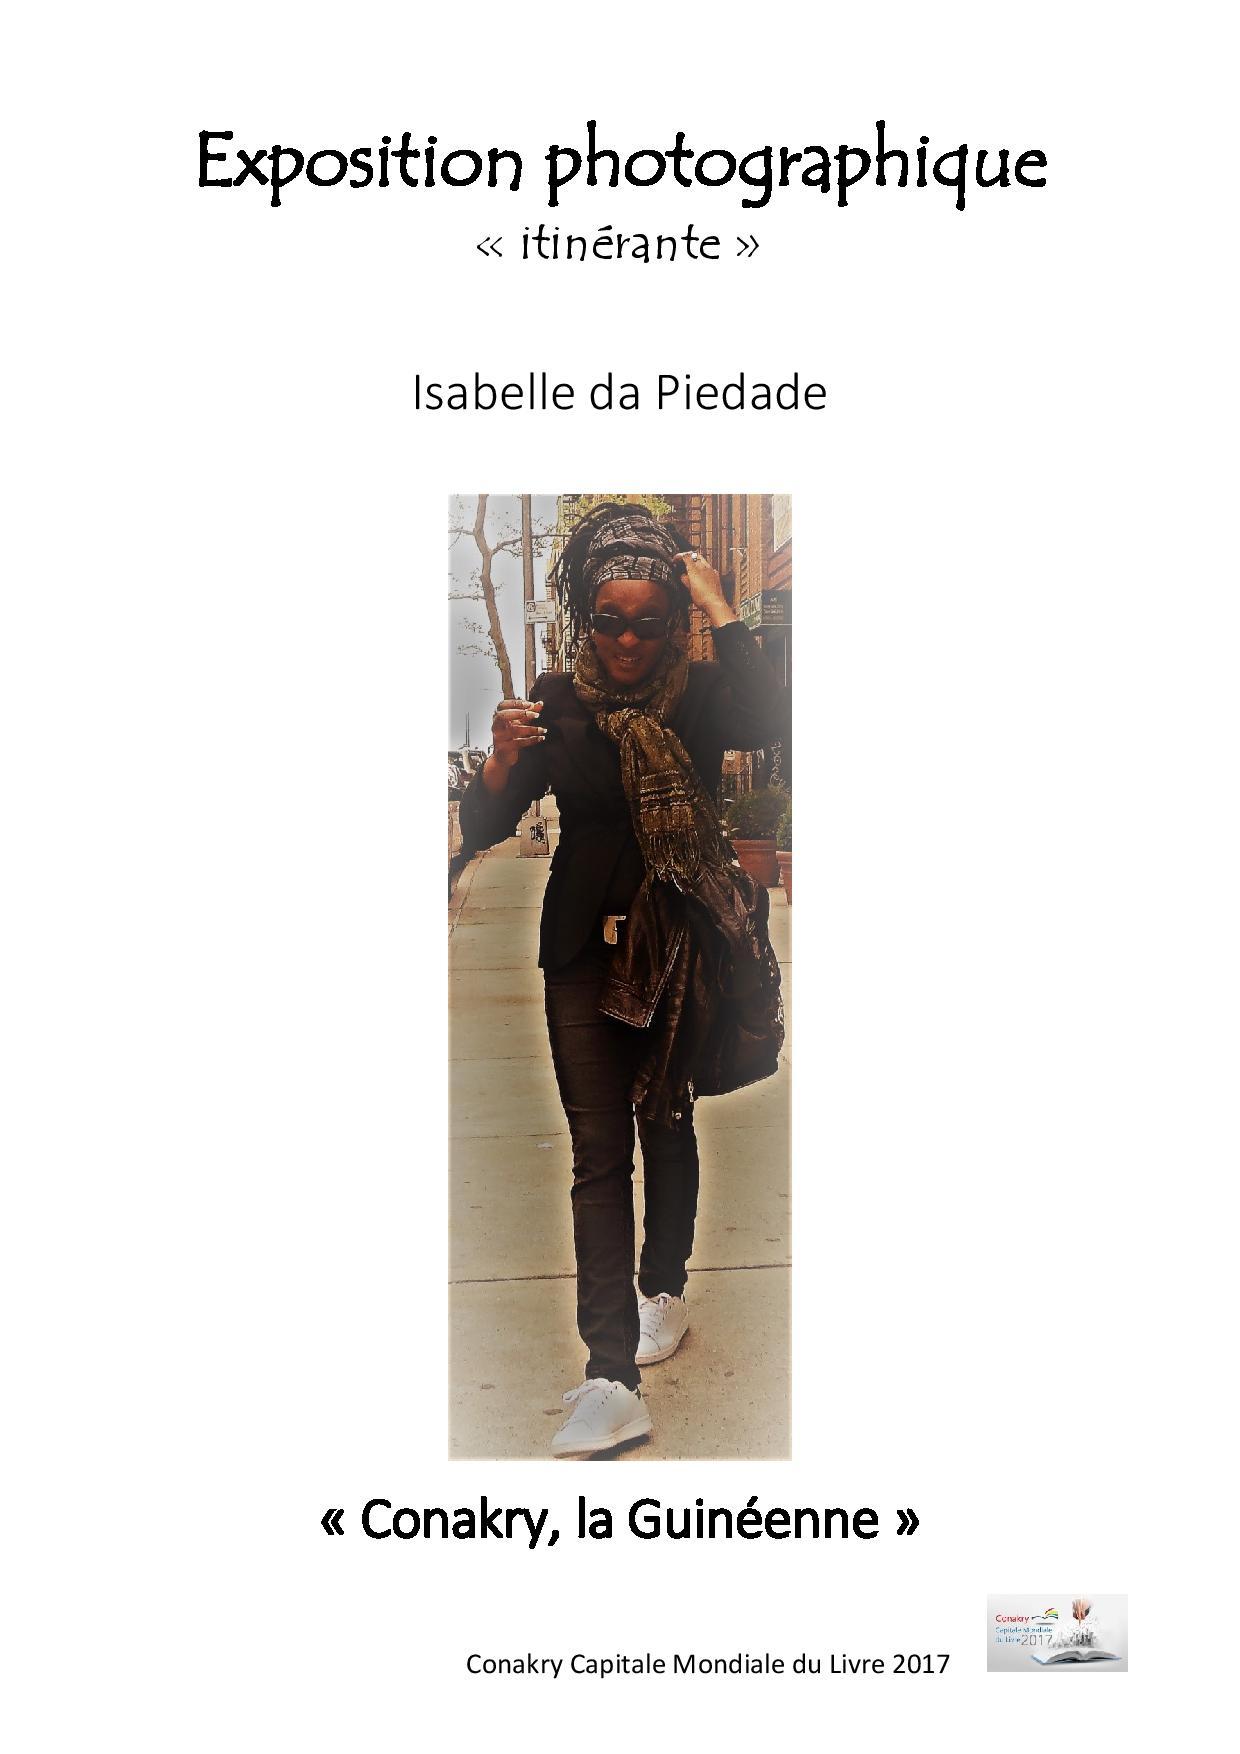 Isabelle da Piedade Affiche expo photos.